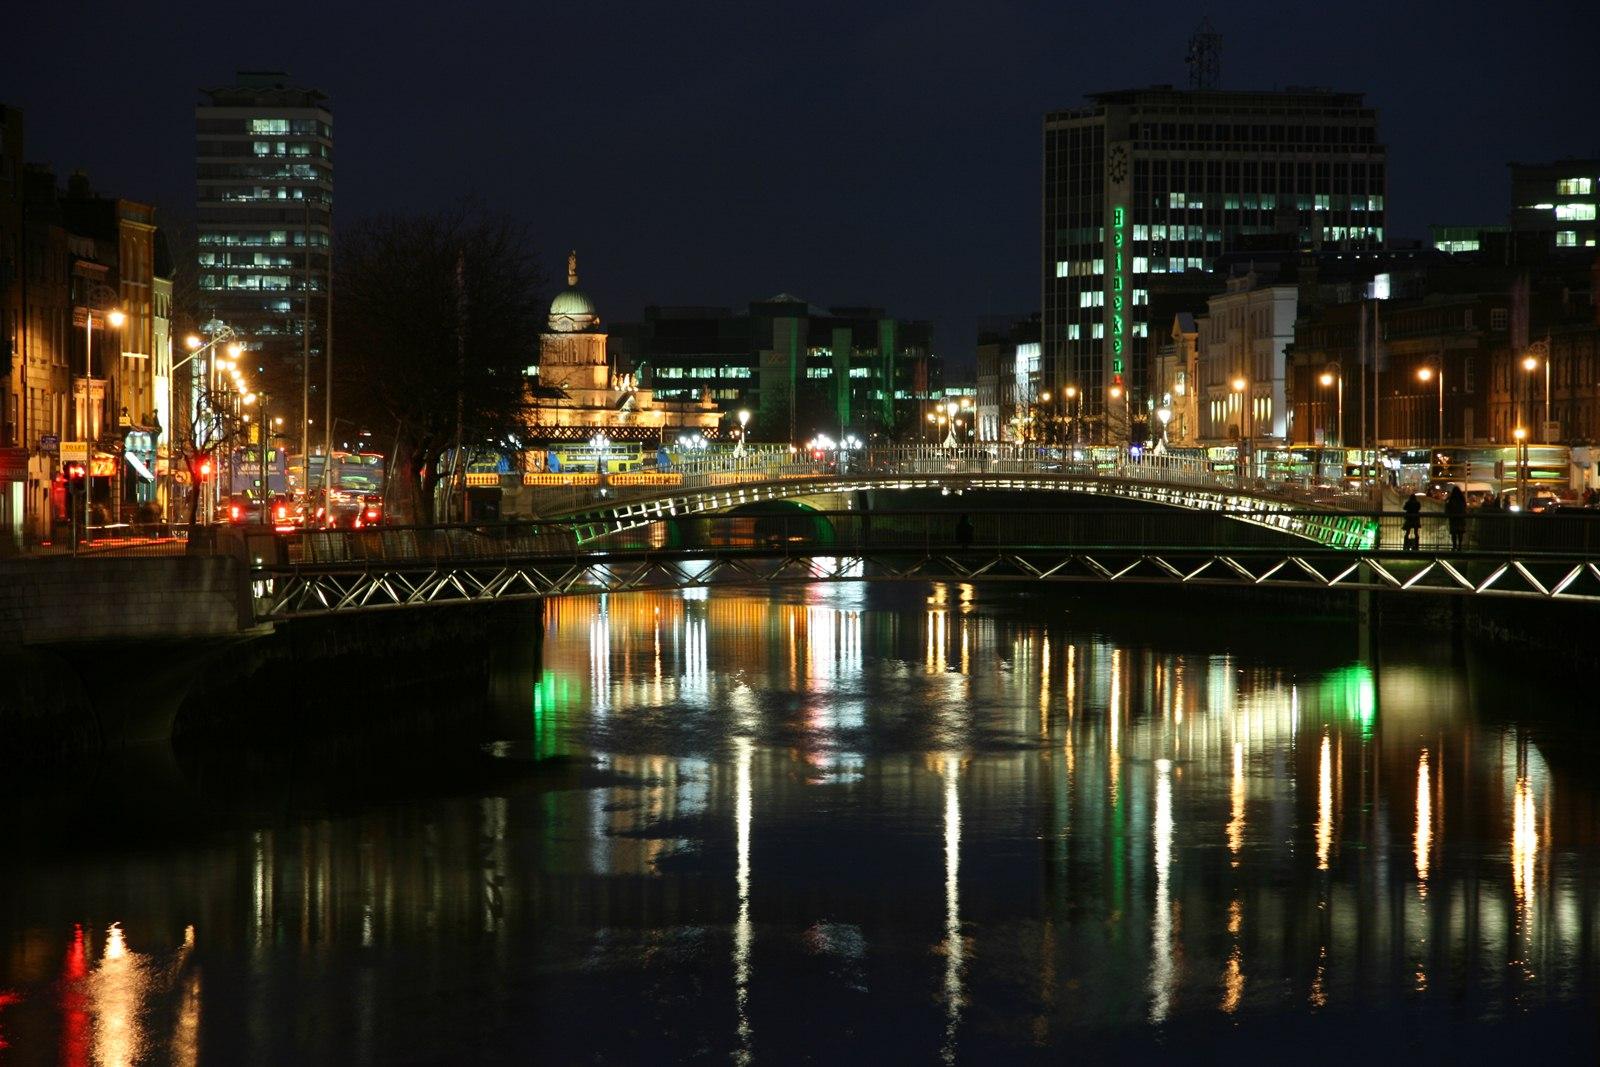 Dublin Ireland Wallpaper - WallpaperSafari